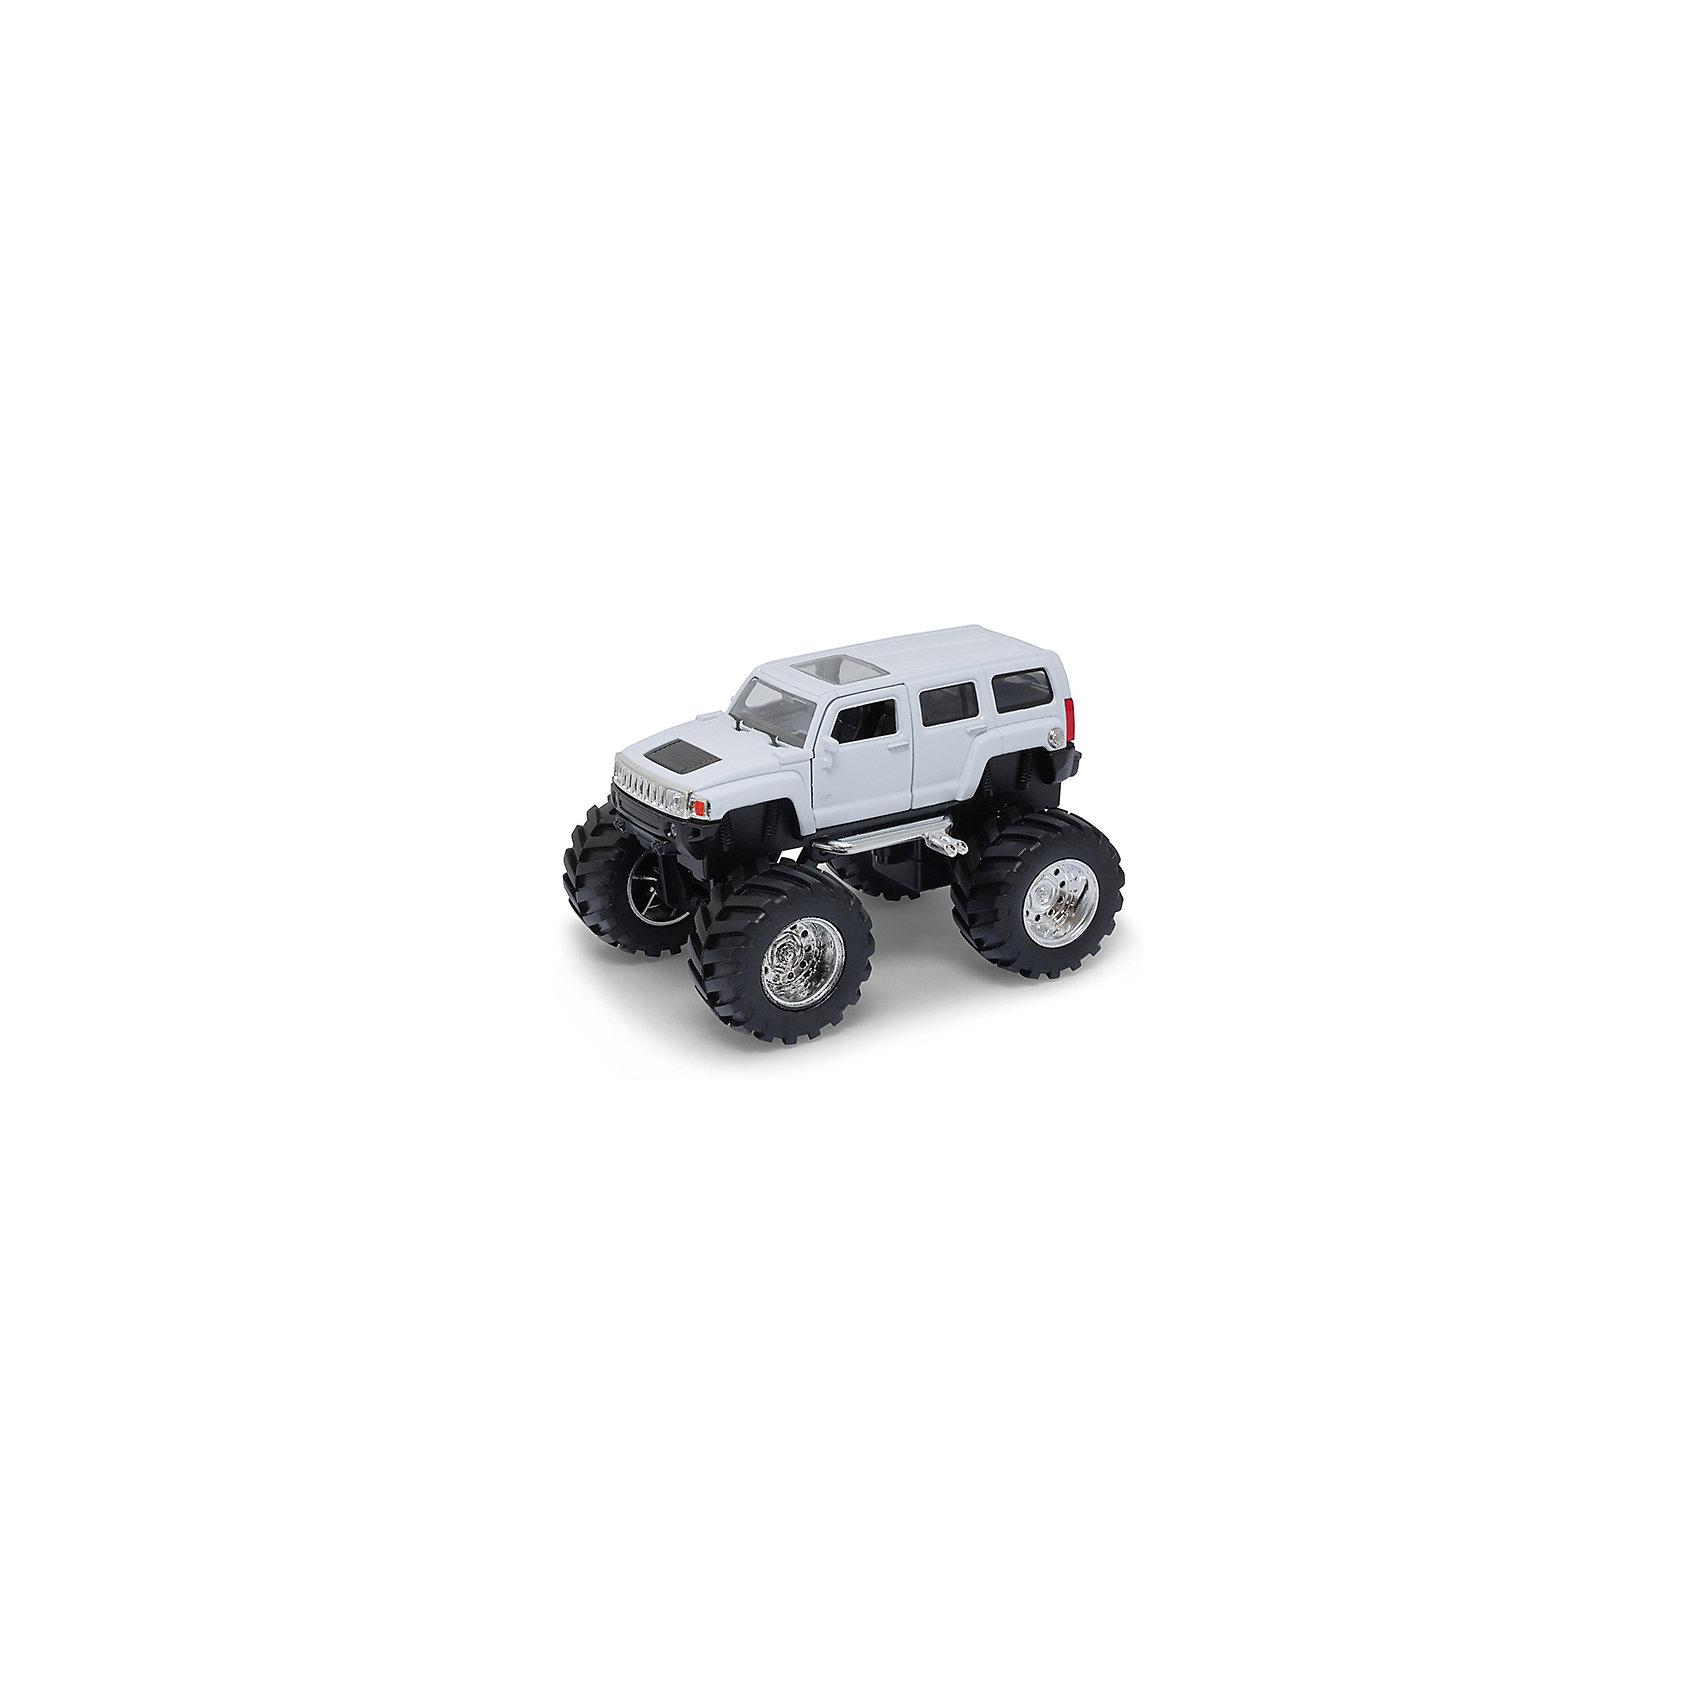 Модель машины 1:34-39 Hammer H3 Big Wheel, белая, WellyХарактеристики:<br><br>• тип автомобиля: внедорожник;<br>• открываются двери;<br>• прорезиненные колеса;<br>• наличие амортизаторов;<br>• инерционный механизм;<br>• масштаб: 1:34-39;<br>• материал: металл, пластик;<br>• размер упаковки: 15х11х6 см.<br><br>Устроить настоящие гонки на внедорожниках помогут машинки Hammer H3 Big Wheel. Мощные колеса, инерционный механизм, прочный корпус машинки дают возможность проводить соревнования снова и снова, машинки не бьются и не разбиваются. <br><br>Модель машины 1:34-39 Hammer H3 Big Wheel, белая, Welly можно купить в нашем магазине.<br><br>Ширина мм: 155<br>Глубина мм: 95<br>Высота мм: 100<br>Вес г: 291<br>Возраст от месяцев: 36<br>Возраст до месяцев: 2147483647<br>Пол: Мужской<br>Возраст: Детский<br>SKU: 5255012